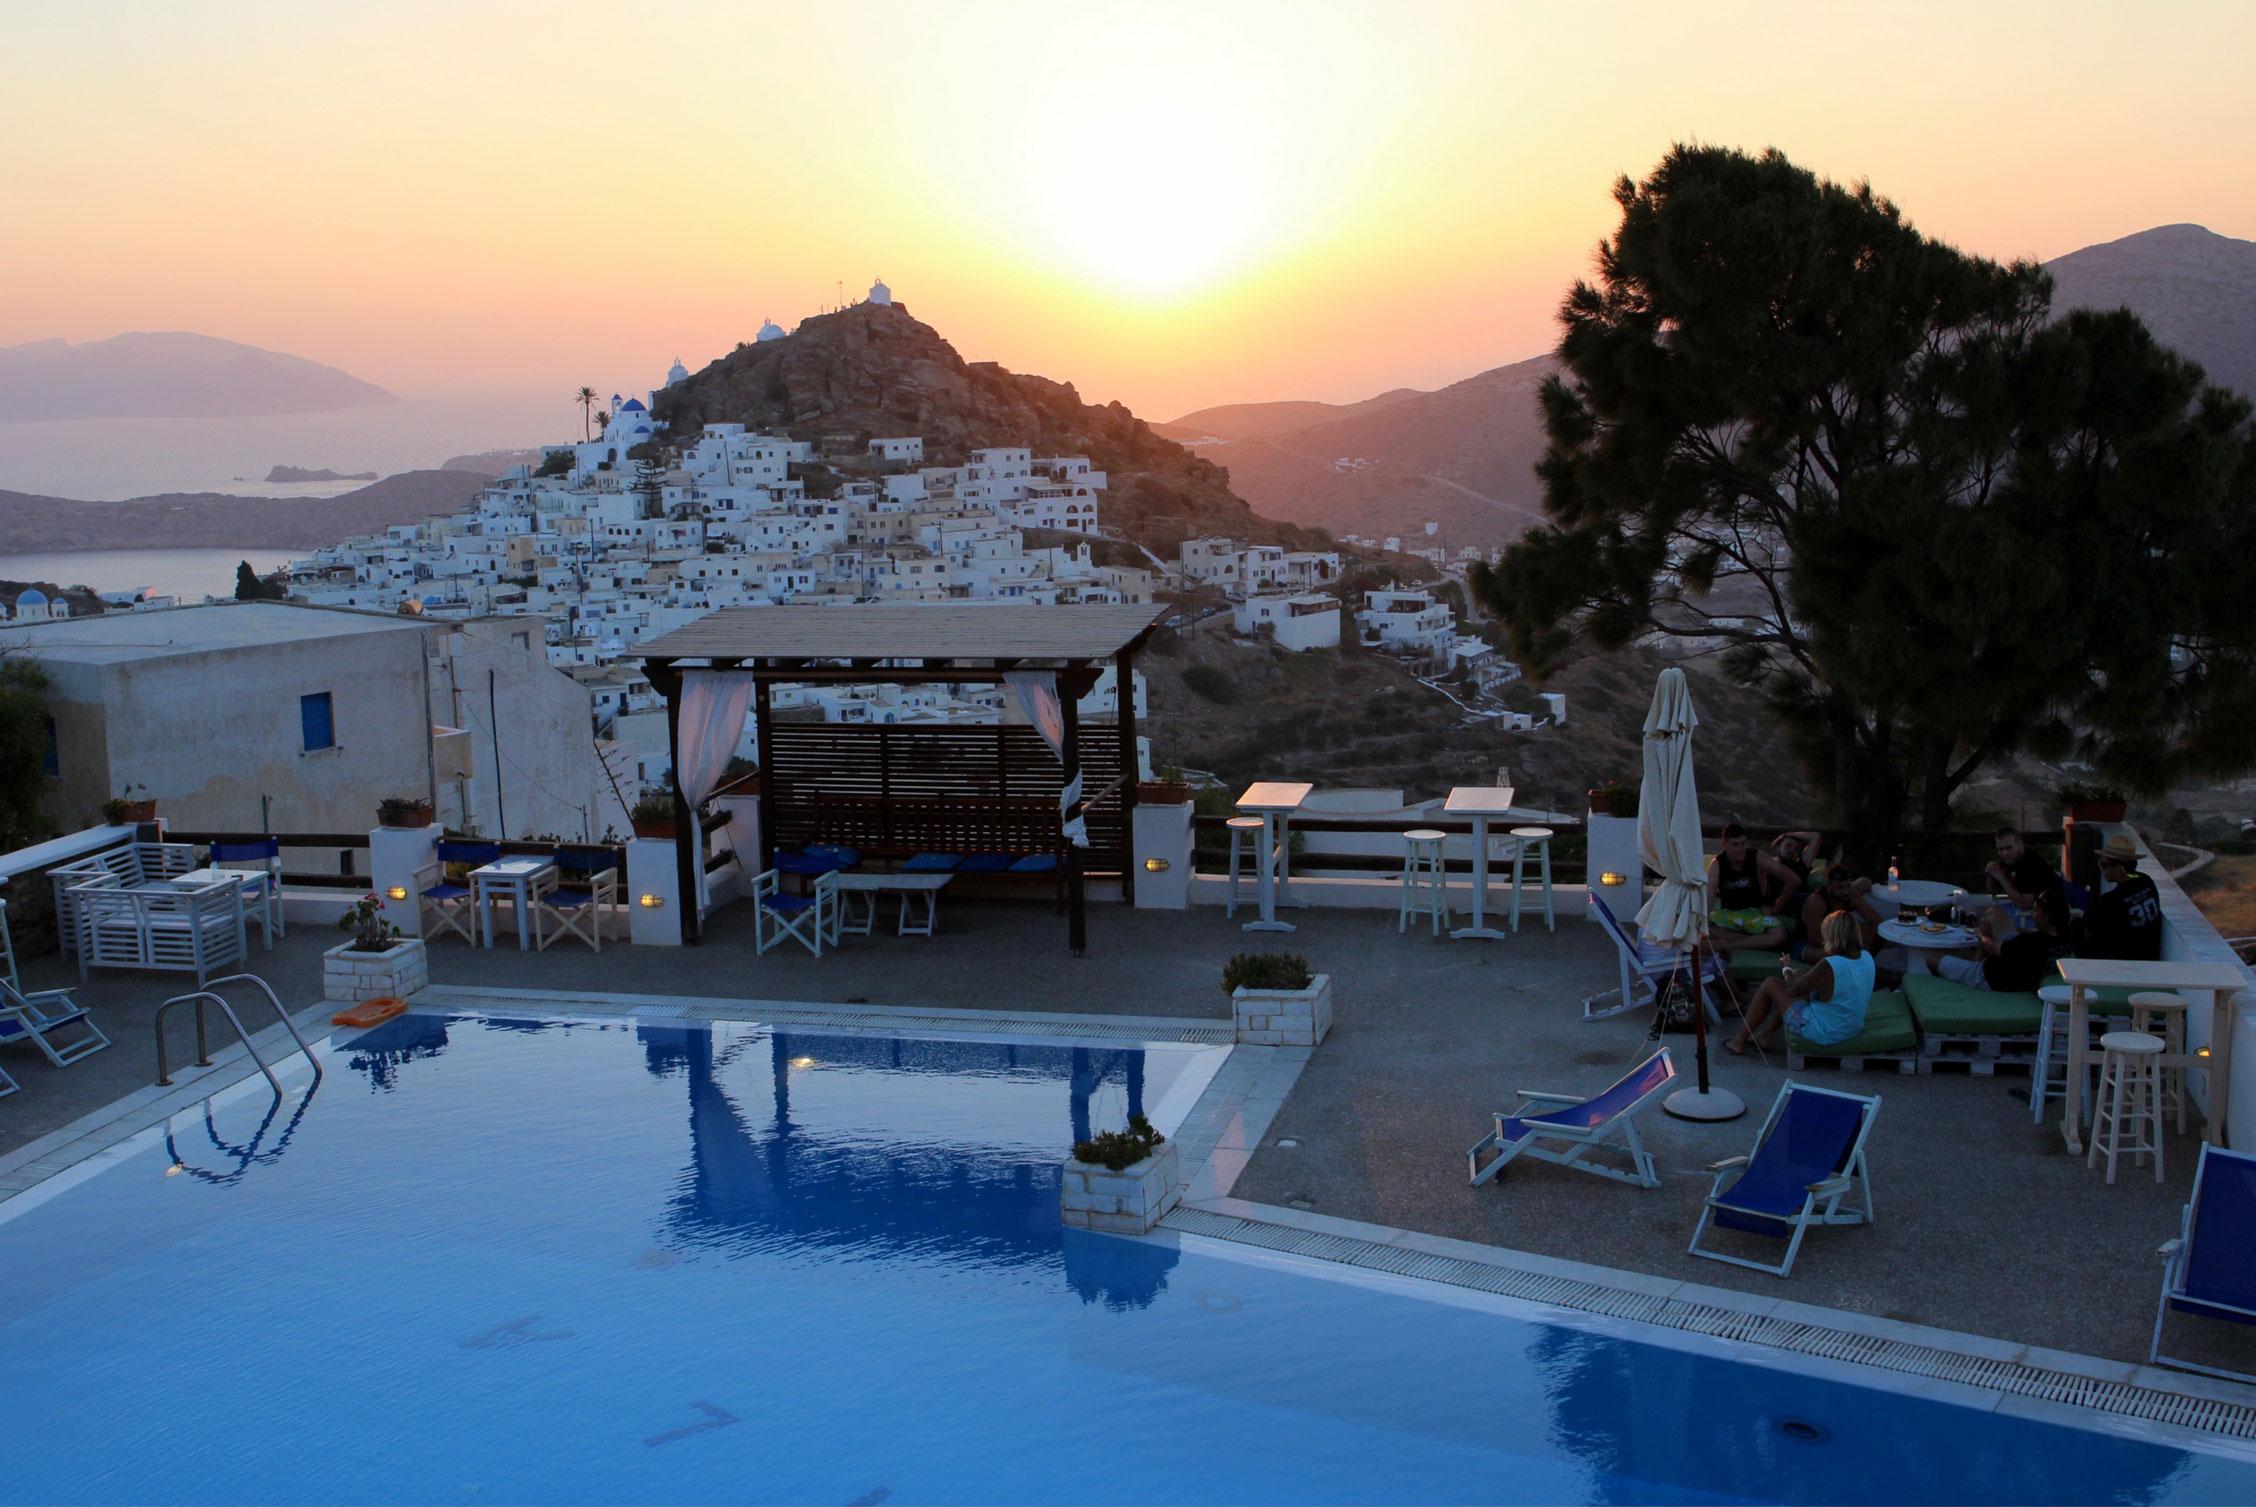 Skala Hotel - Chora - Ios Island - Cyclades - Greece